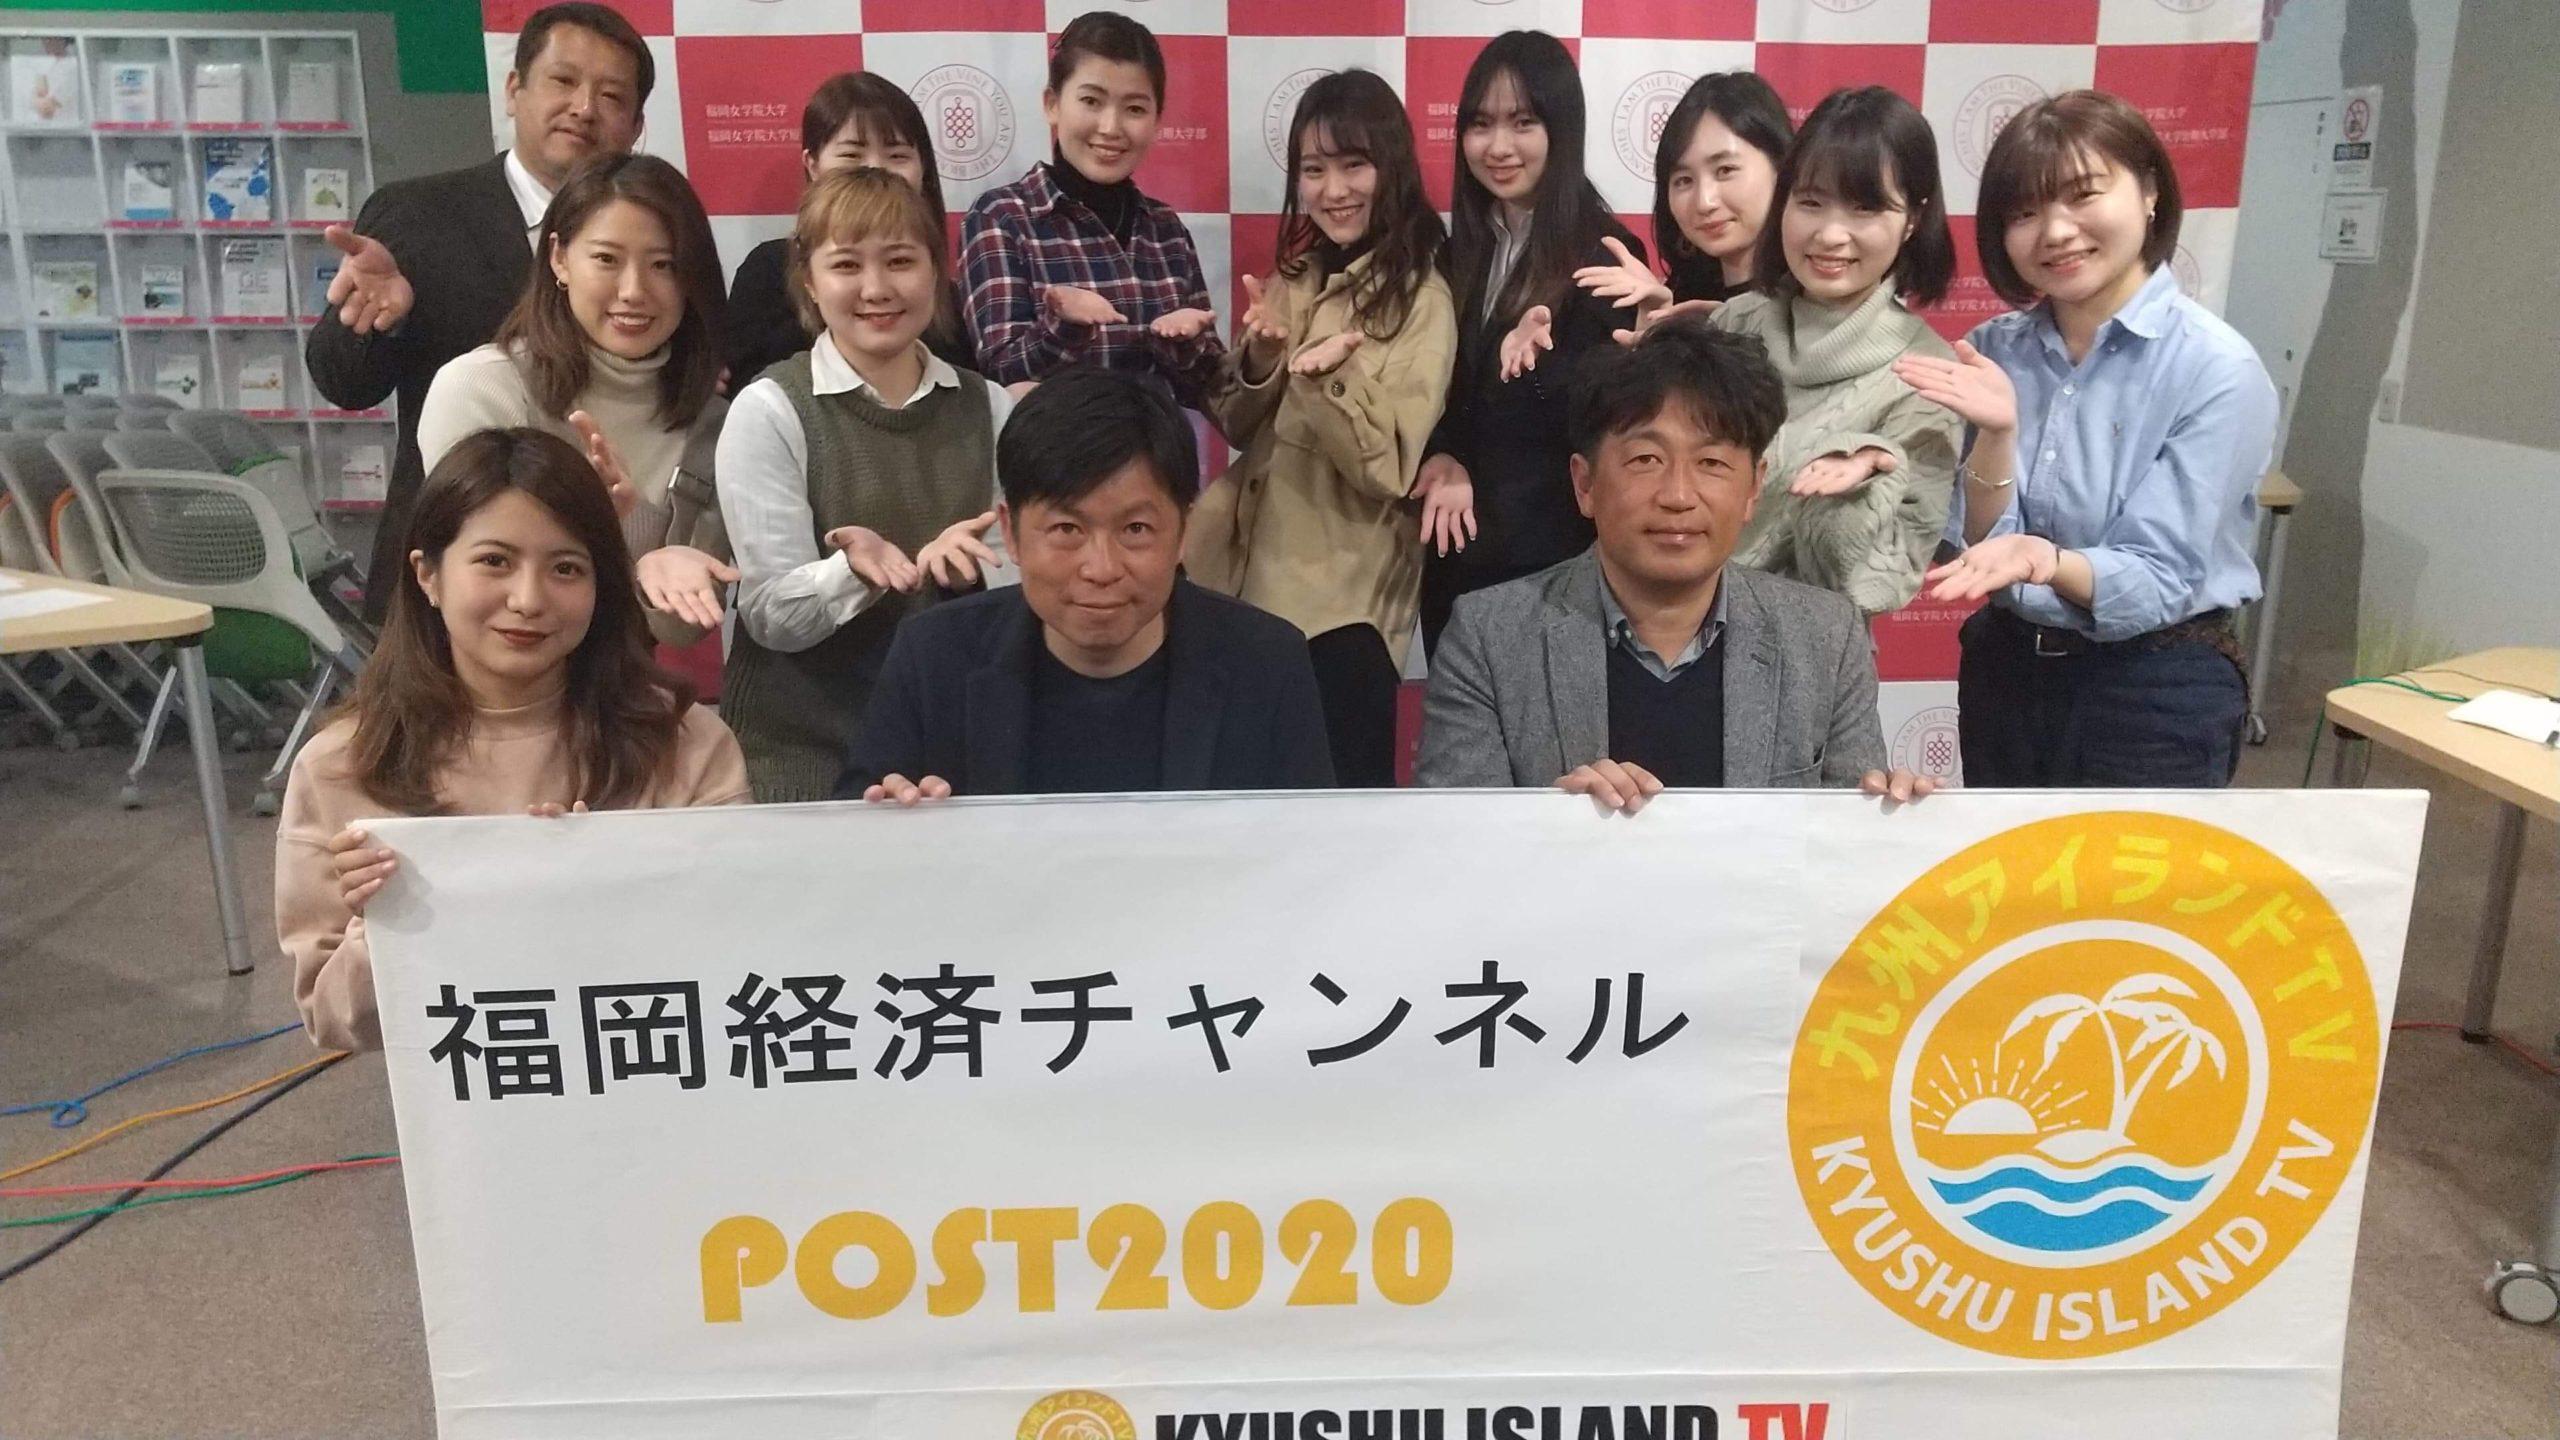 九州アイランドTV「福岡経済チャンネル2020」(JCOM4月放送予定)に出演してきました!